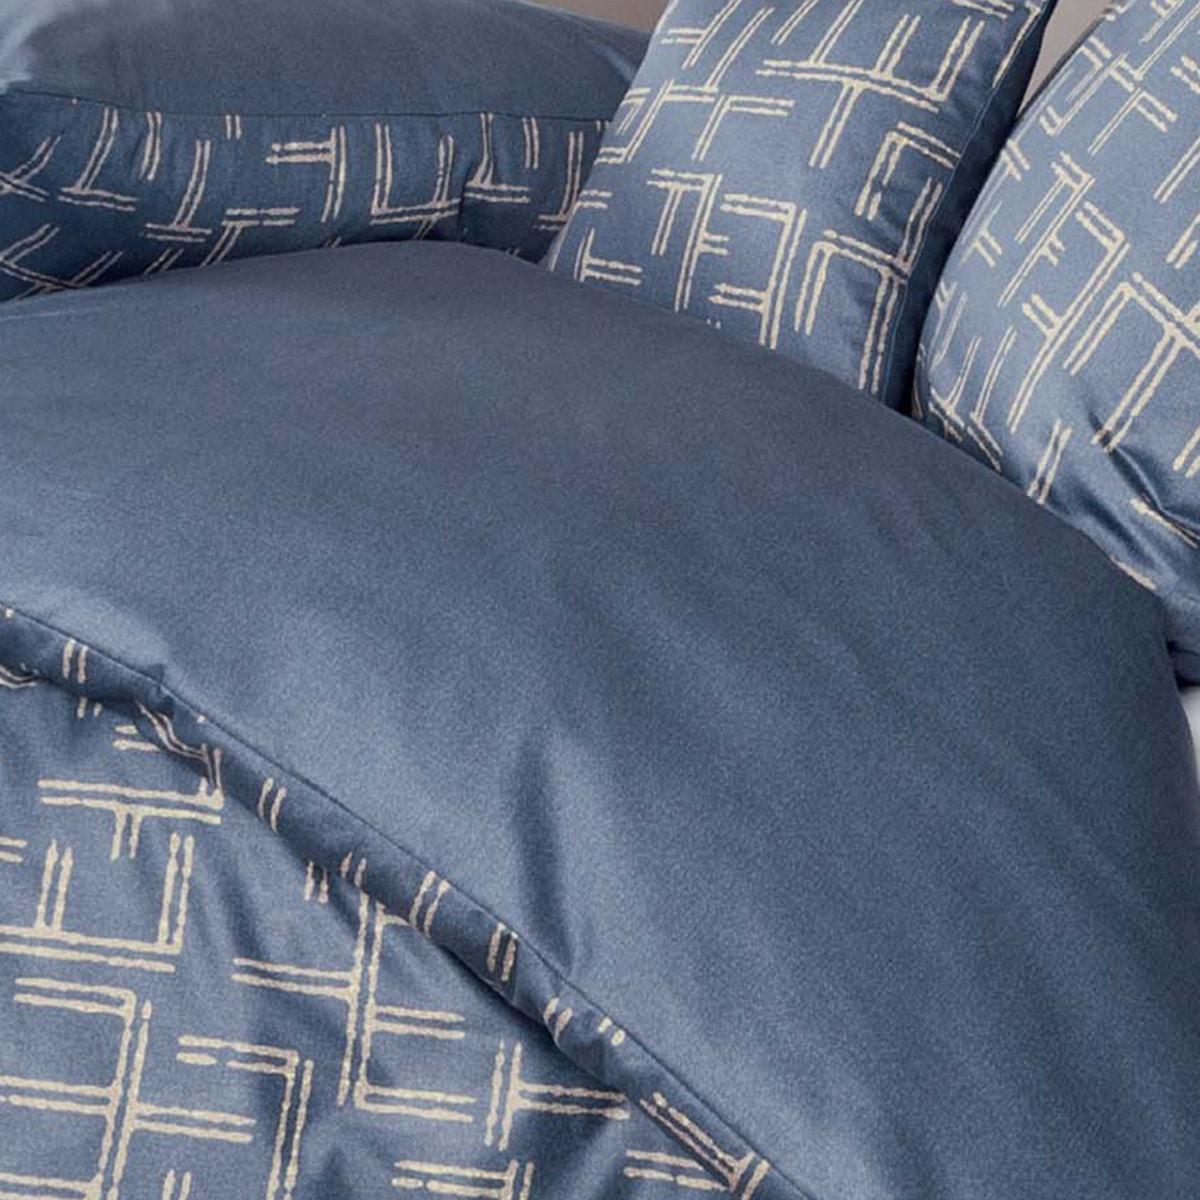 janine interlock feinjersey bettw sche carmen 53047 02 mondlichtblau g nstig online kaufen bei. Black Bedroom Furniture Sets. Home Design Ideas